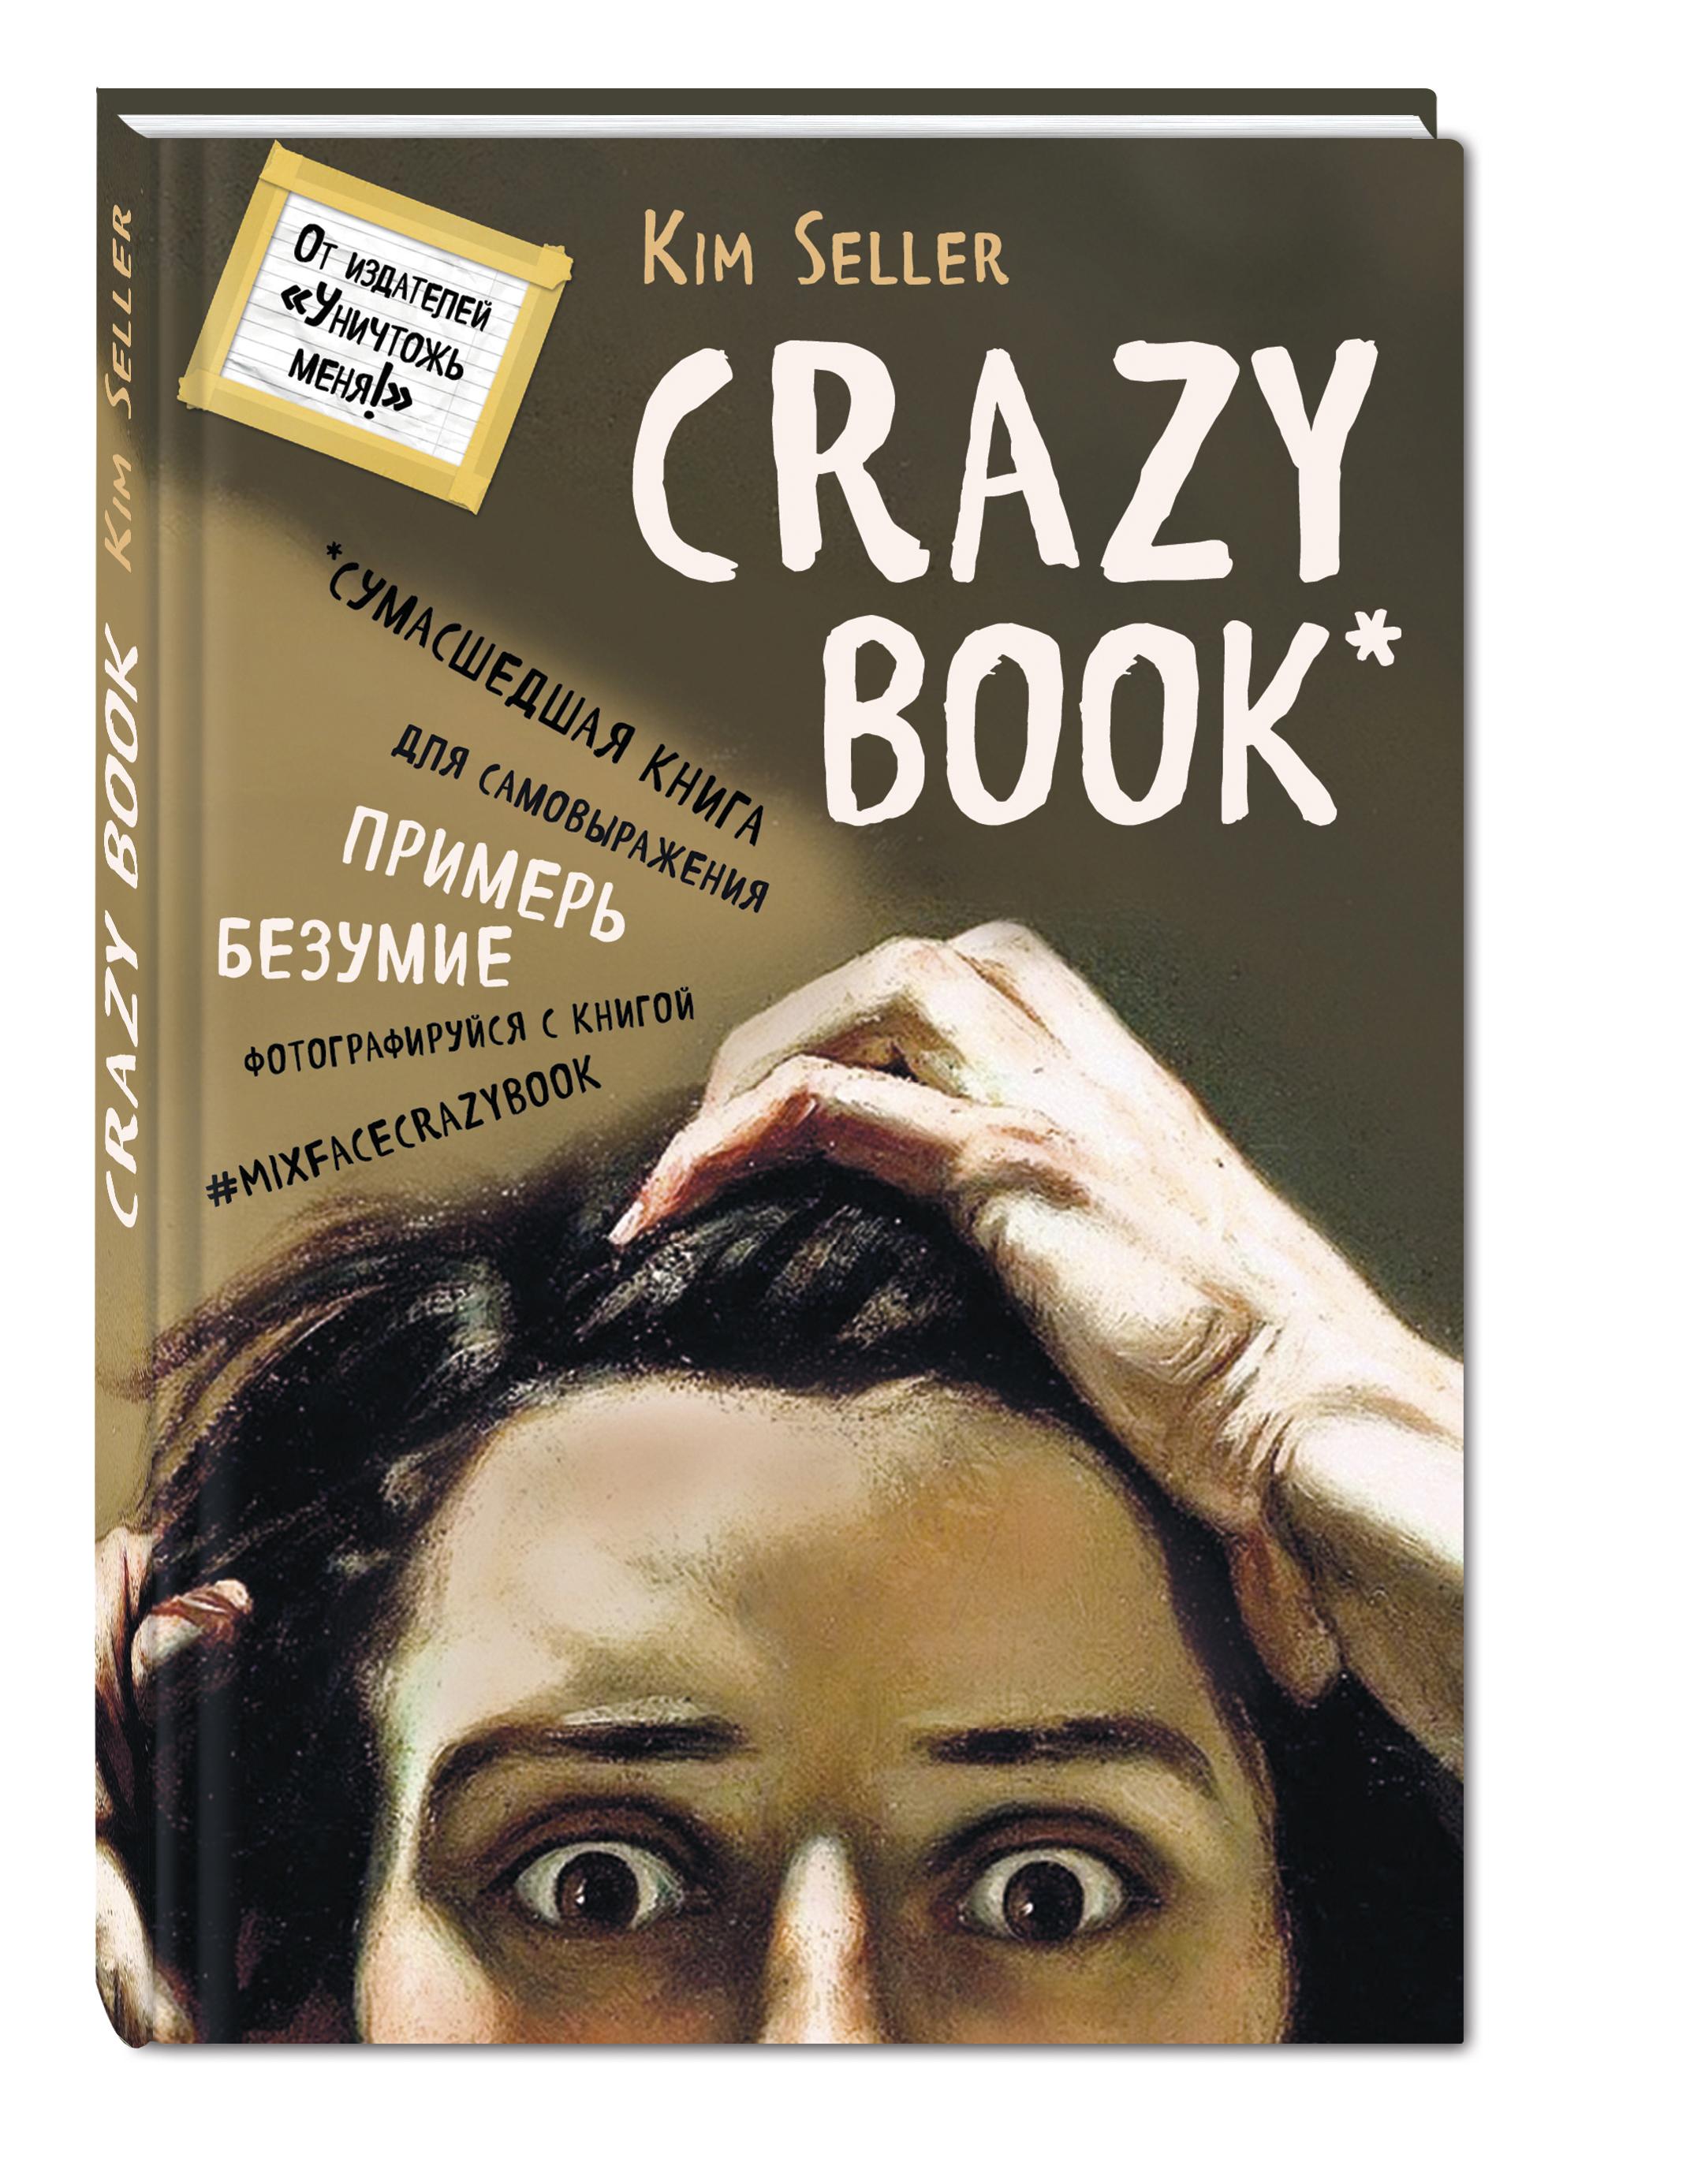 Ким Селлер Crazy book. Сумасшедшая книга для самовыражения (книга в новой суперобложке)